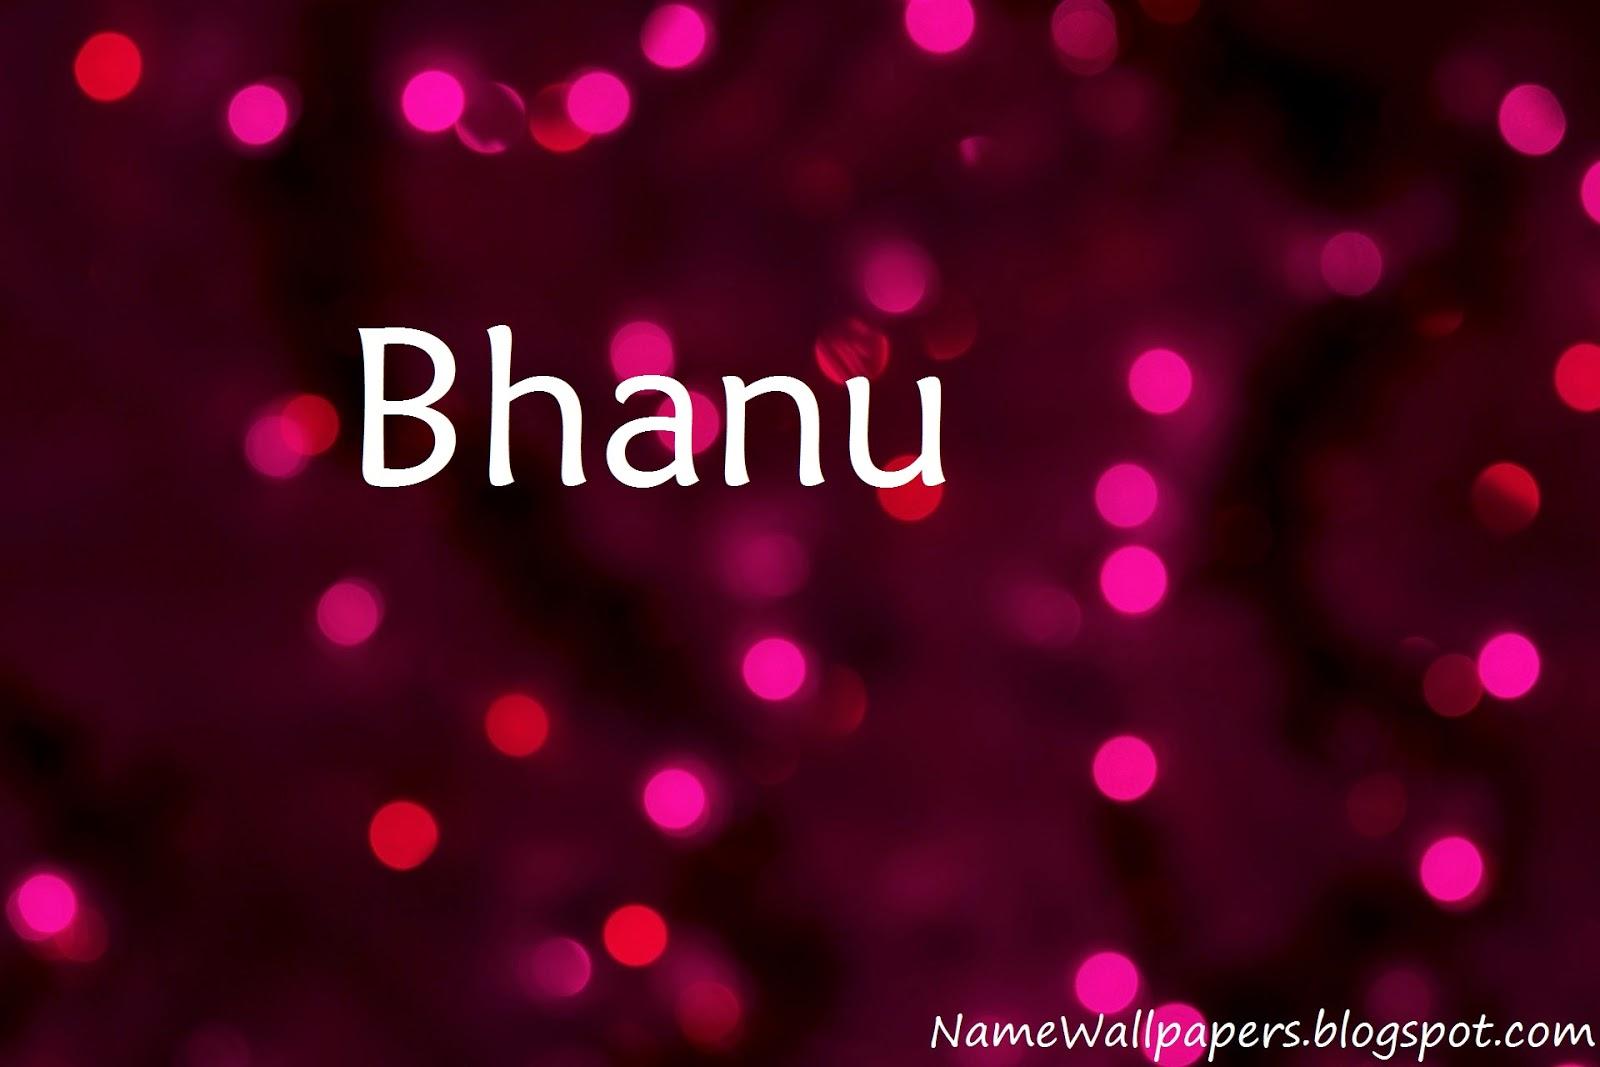 bhanu name wallpapers bhanu name wallpaper urdu name